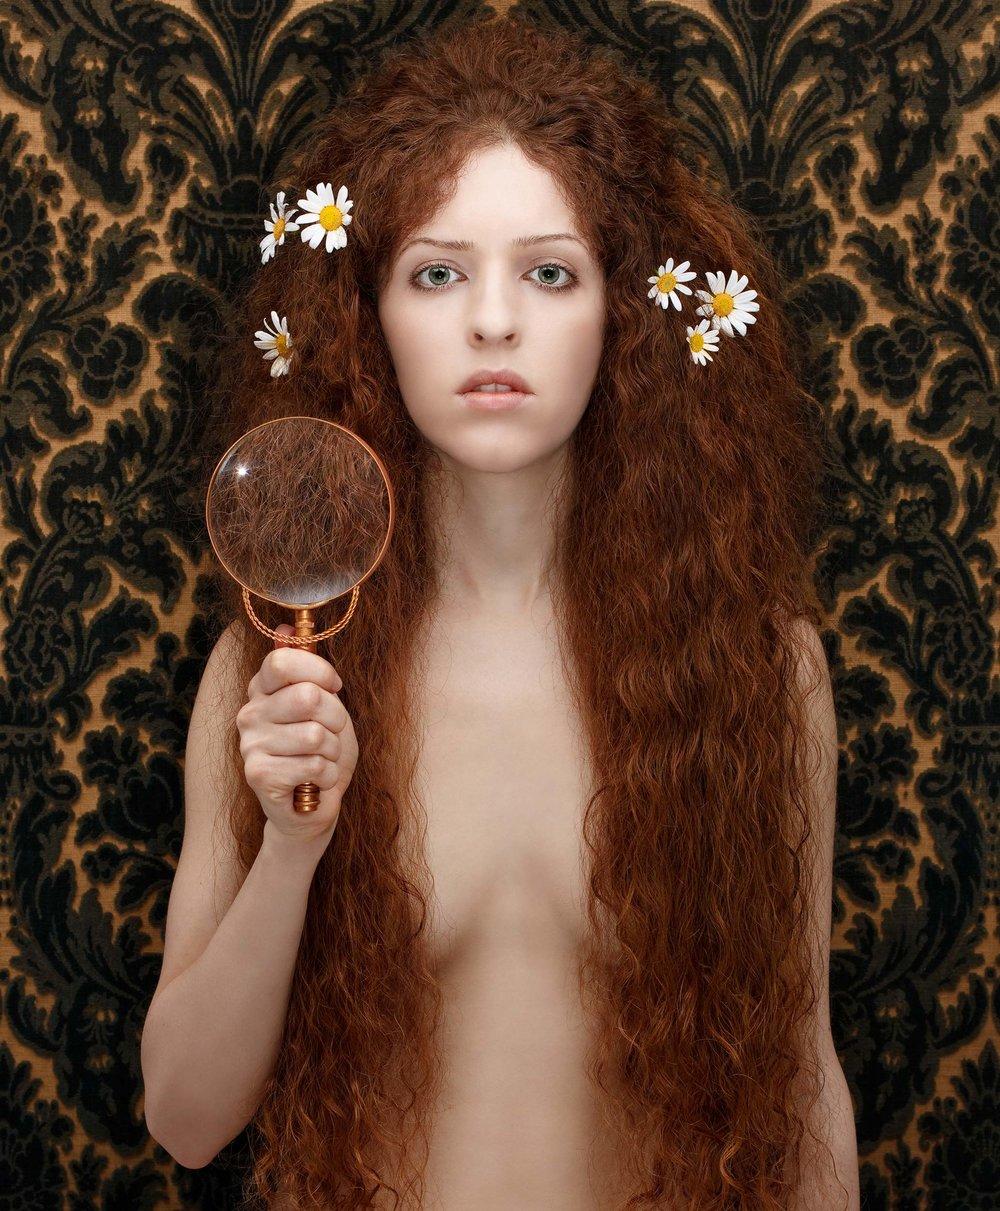 """Nuda Veritas<em>, 2010 <p>after """"Nuda Veritas"""", Gustav Klimt, 1899</em>"""